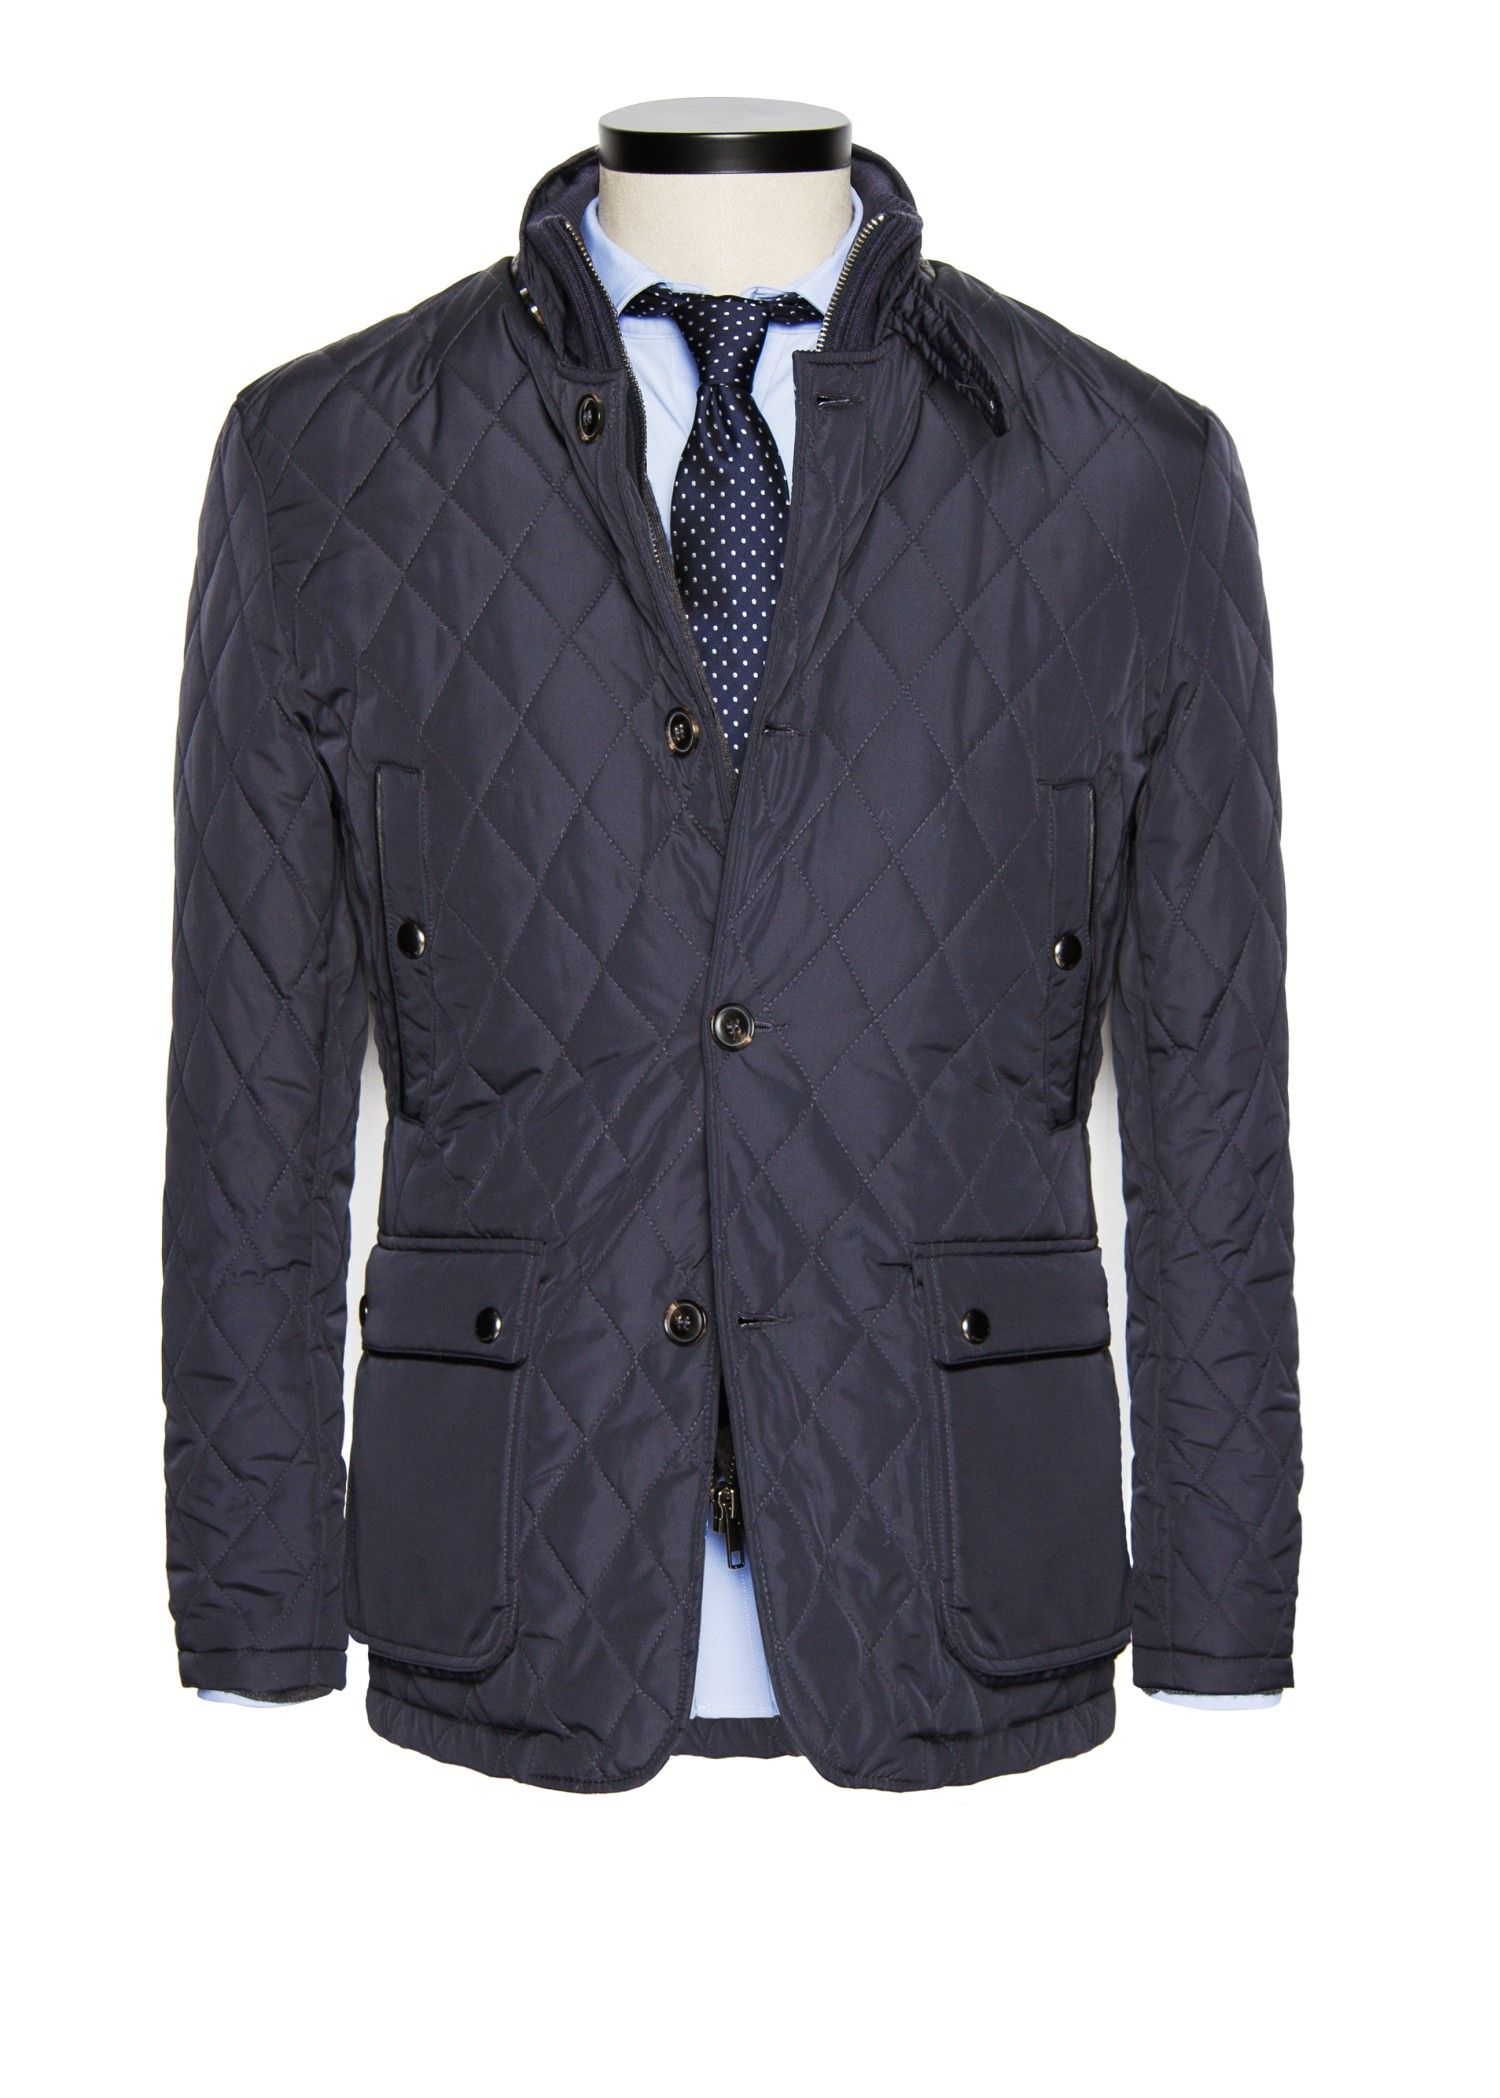 timeless design b7350 34ef1 Giacca husky impermeabile - Uomo | outfit | Giacca da uomo ...